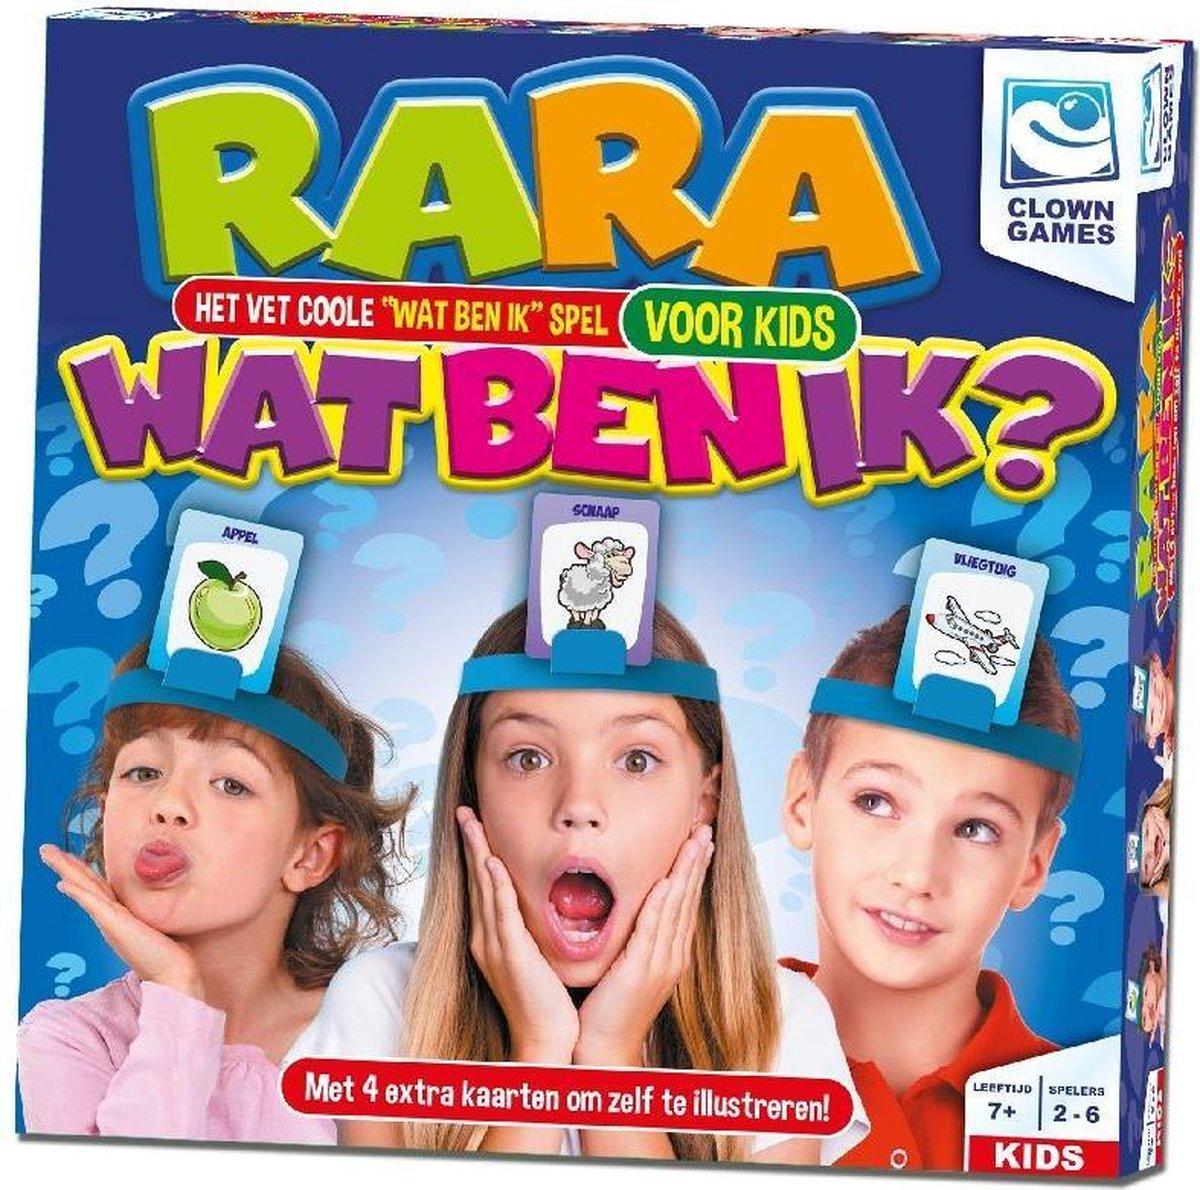 Clown Games - Rara Wat Ben Ik? Junior - spel - Clown Games